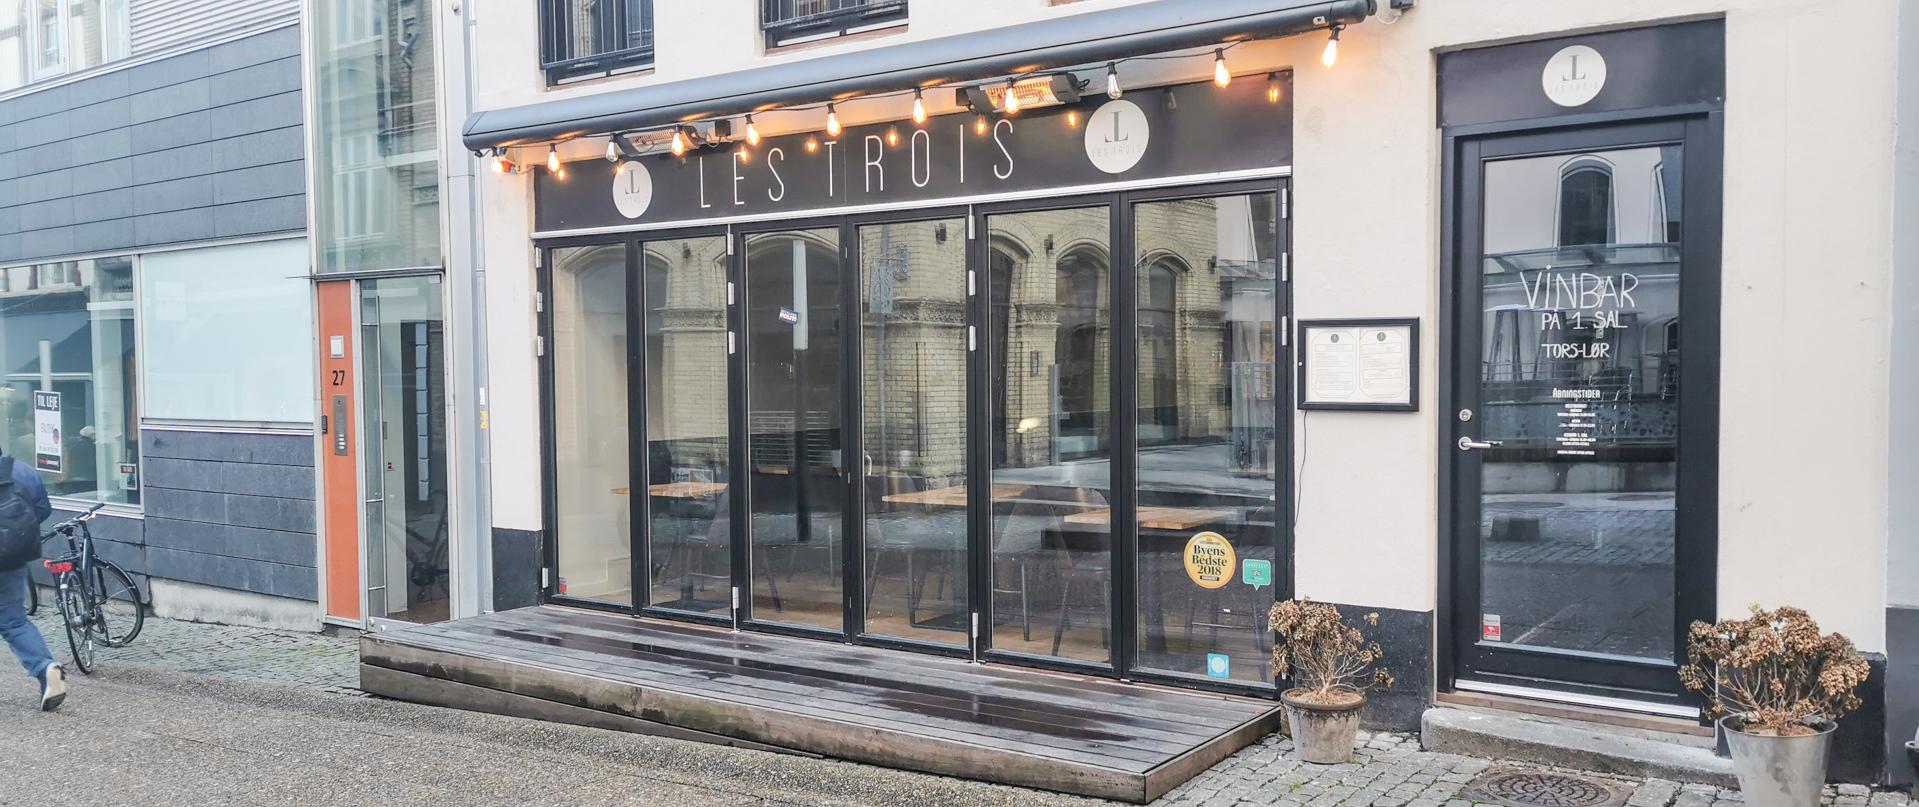 Det var så det: Fransk restaurant og vinbar lukker og slukker i Aarhus C